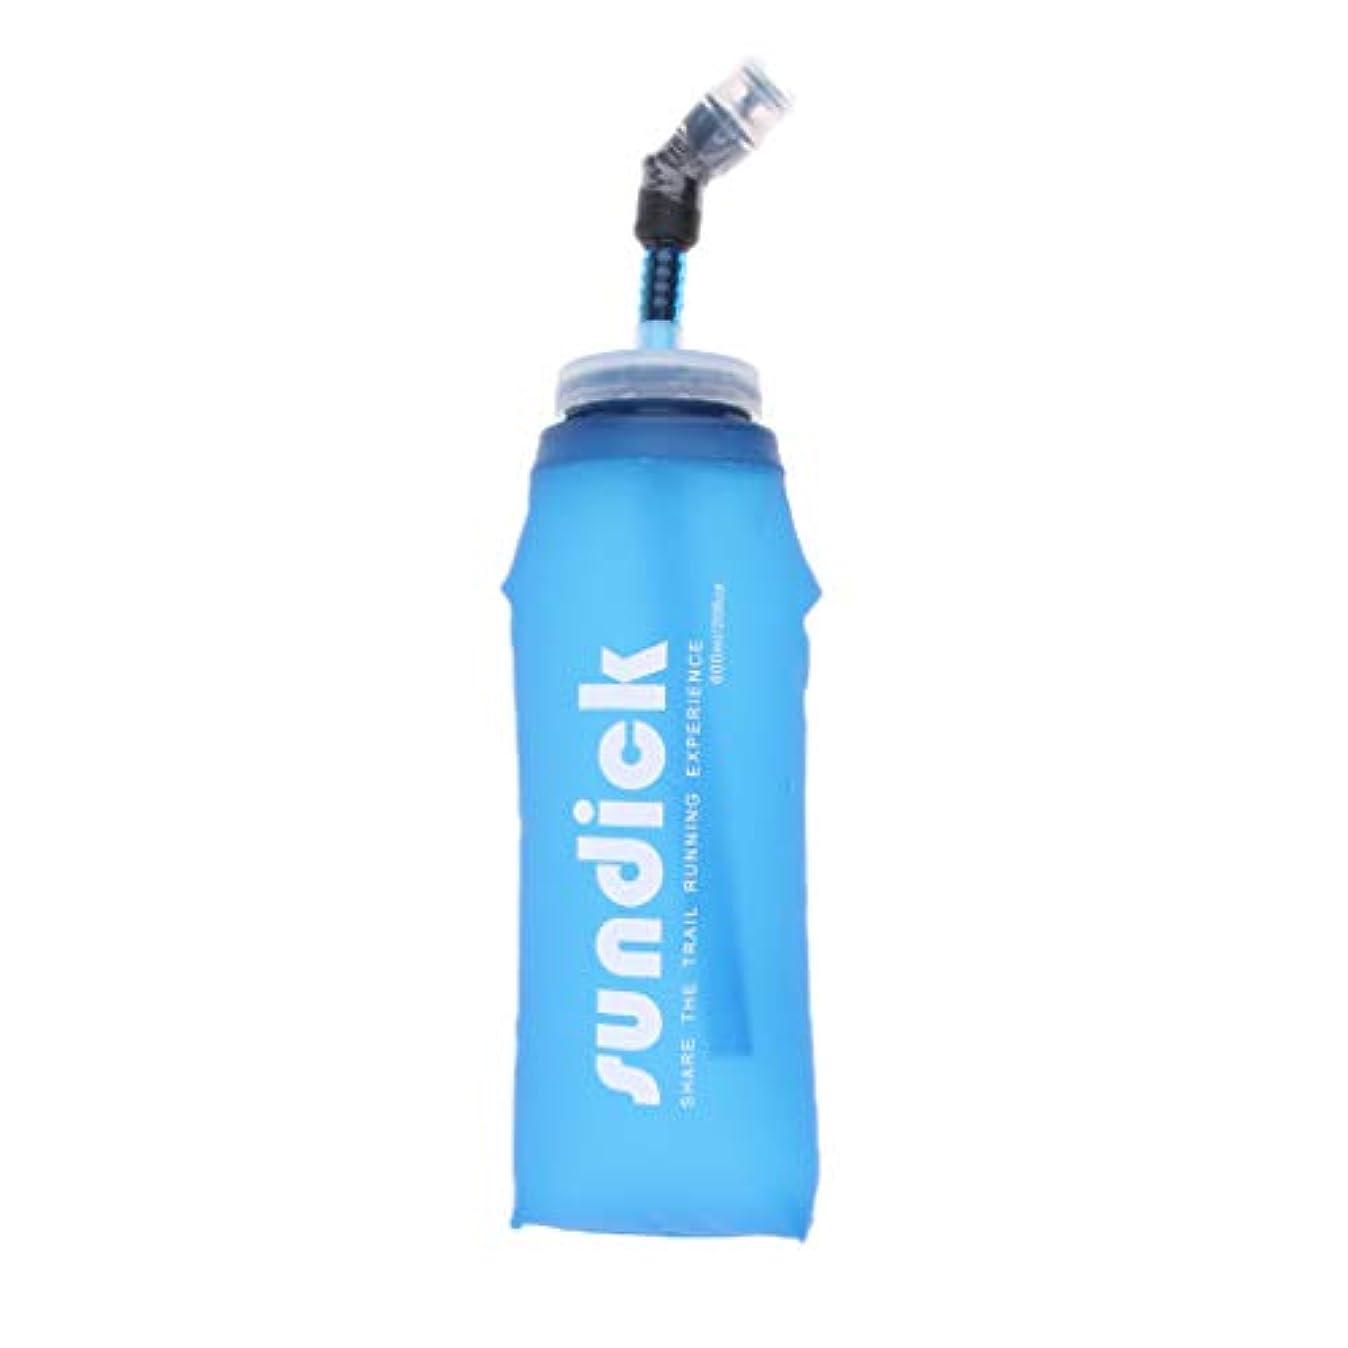 追うミスペンド絡まるFLAMEER スポーツ ウォーターボトル コンパクト 折りたたみ式 全2選択